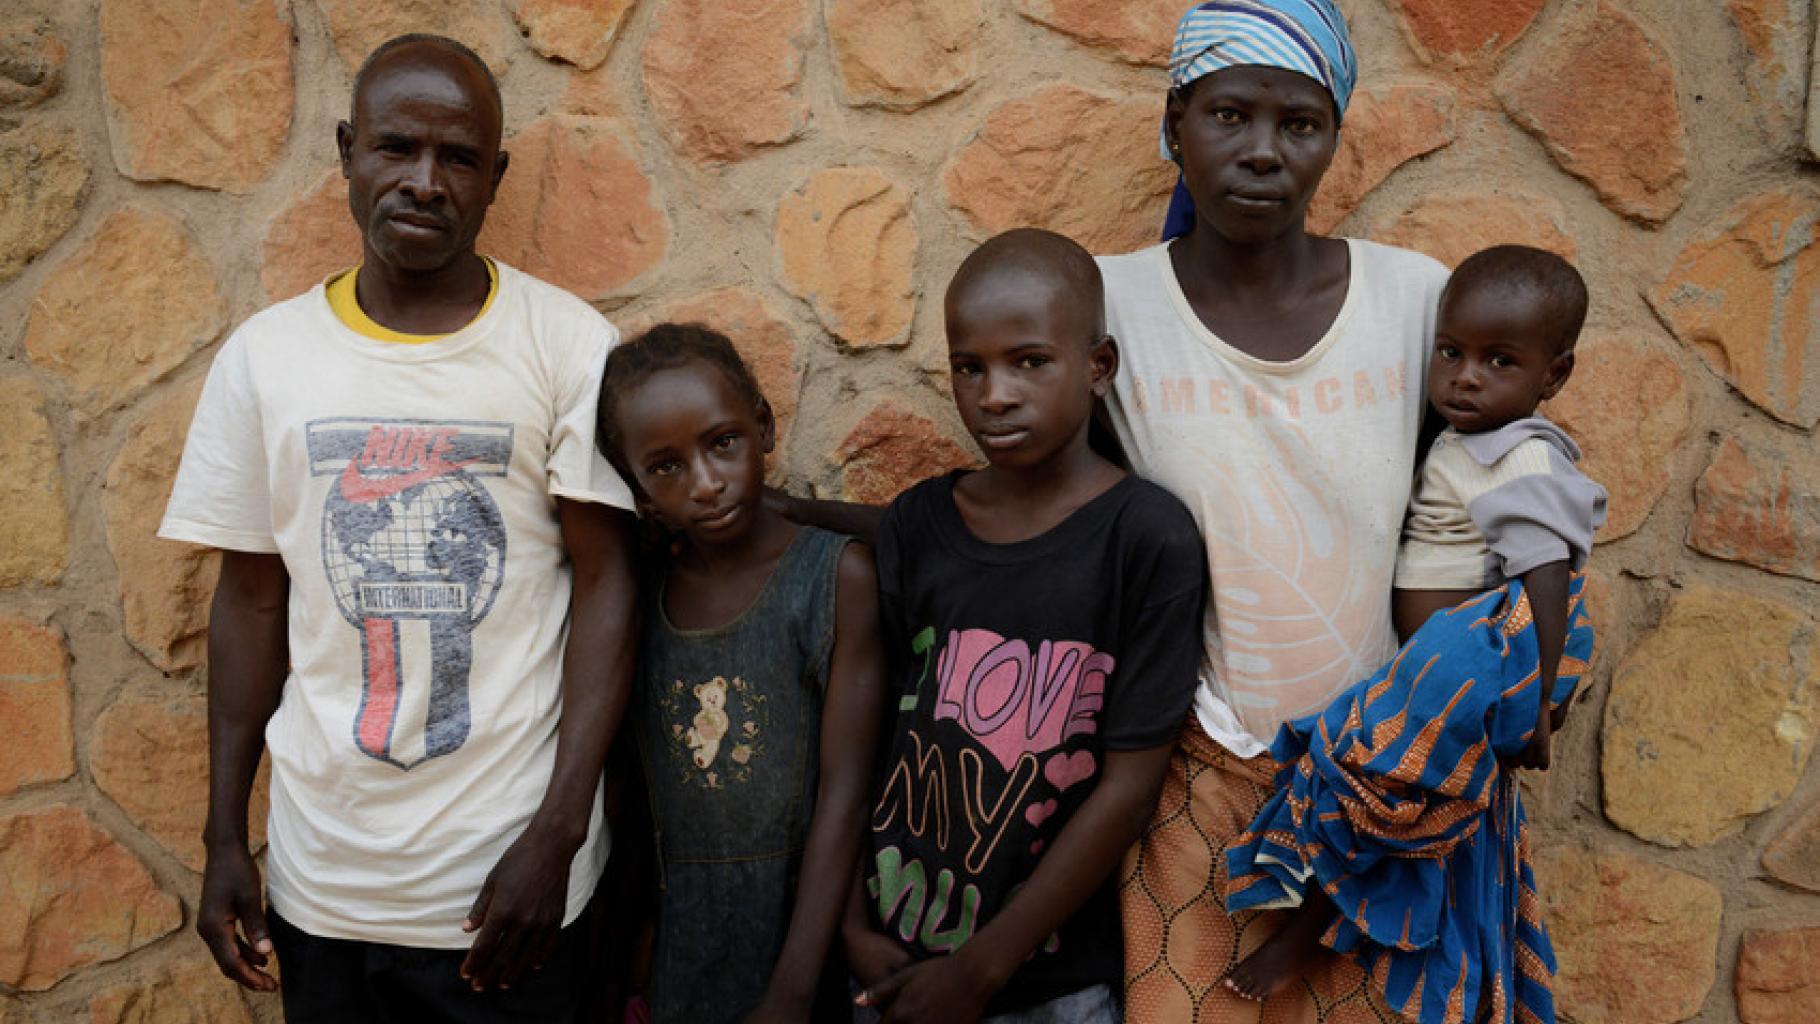 Samuel Samson, seine Frau und seine drei Kinder schauen in die Kamera